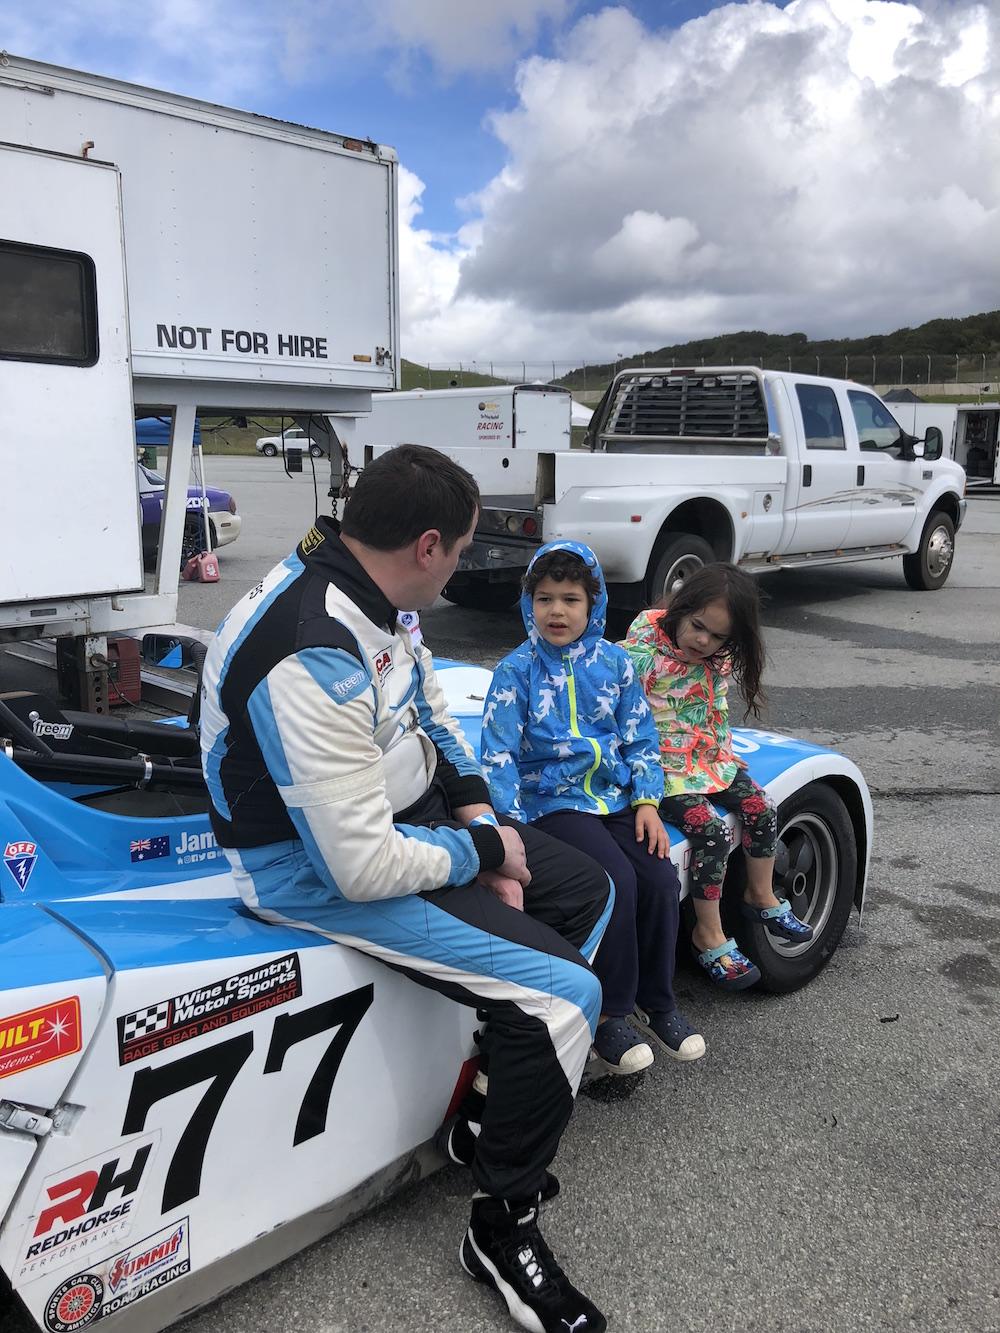 Kanga Motorsports Spec Racer Ford Laguna Seca 2018 Talking to Fans.JPG